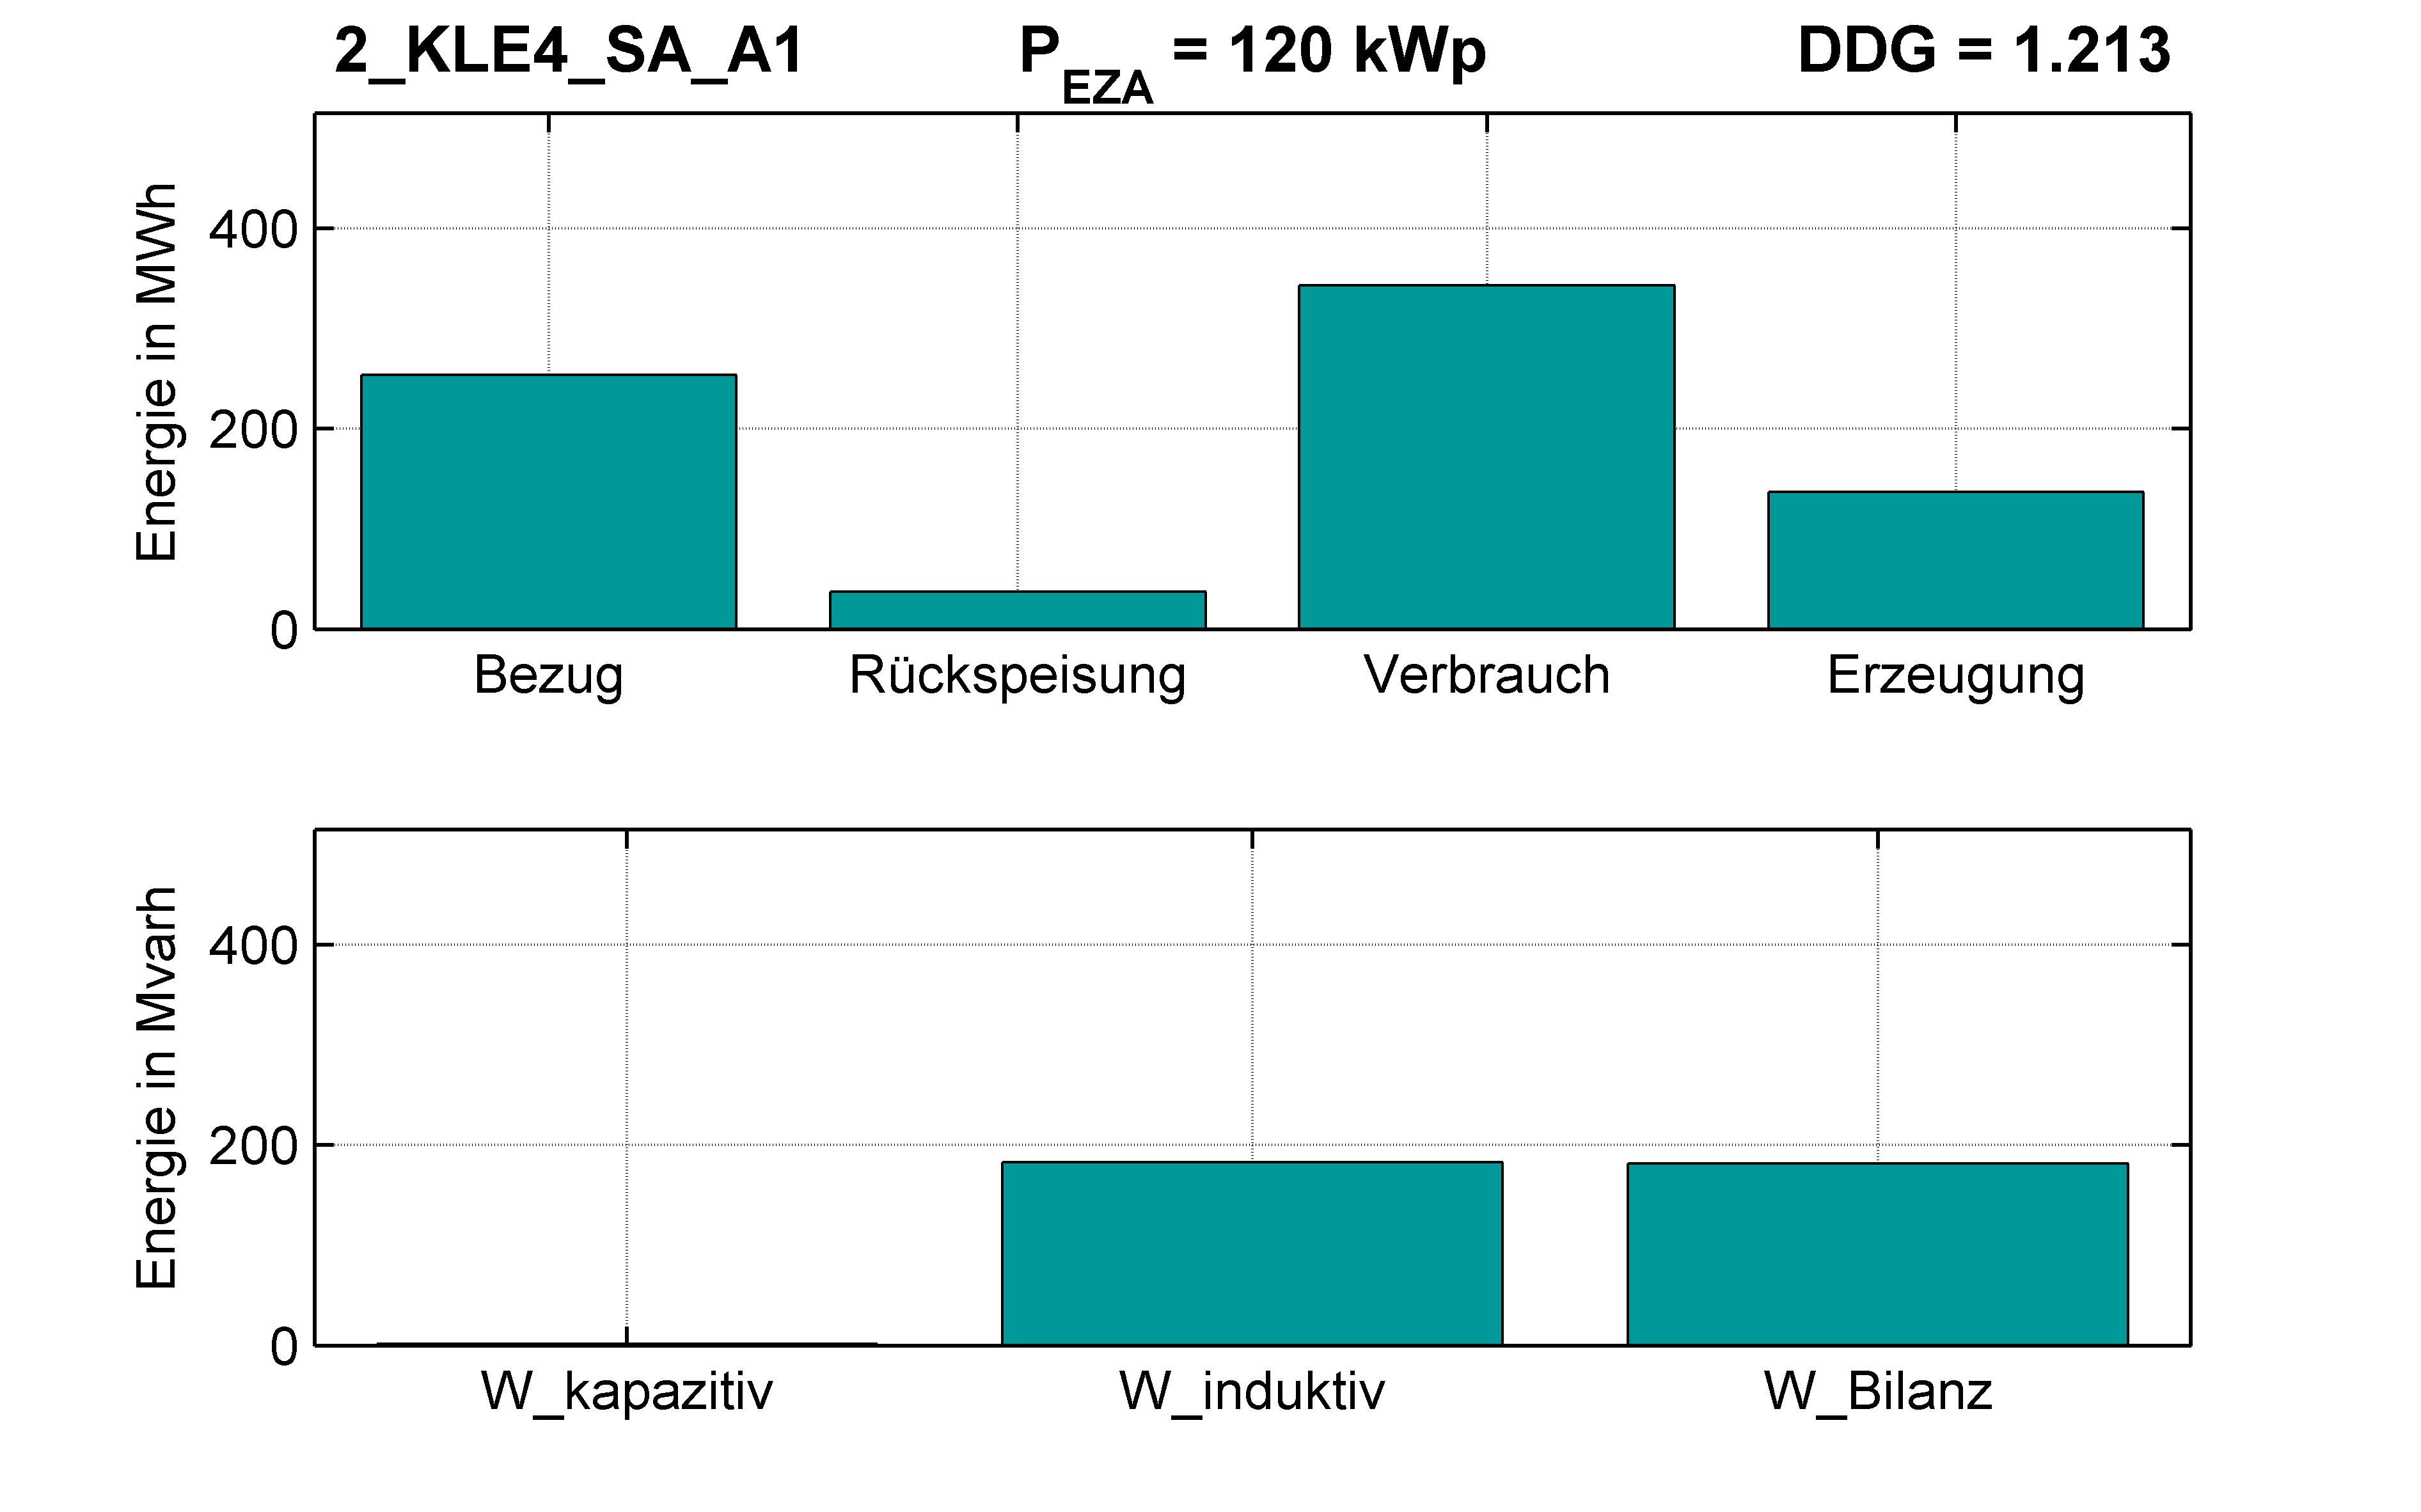 KLE4 | P-Kappung 85% (SA) A1 | PQ-Bilanz